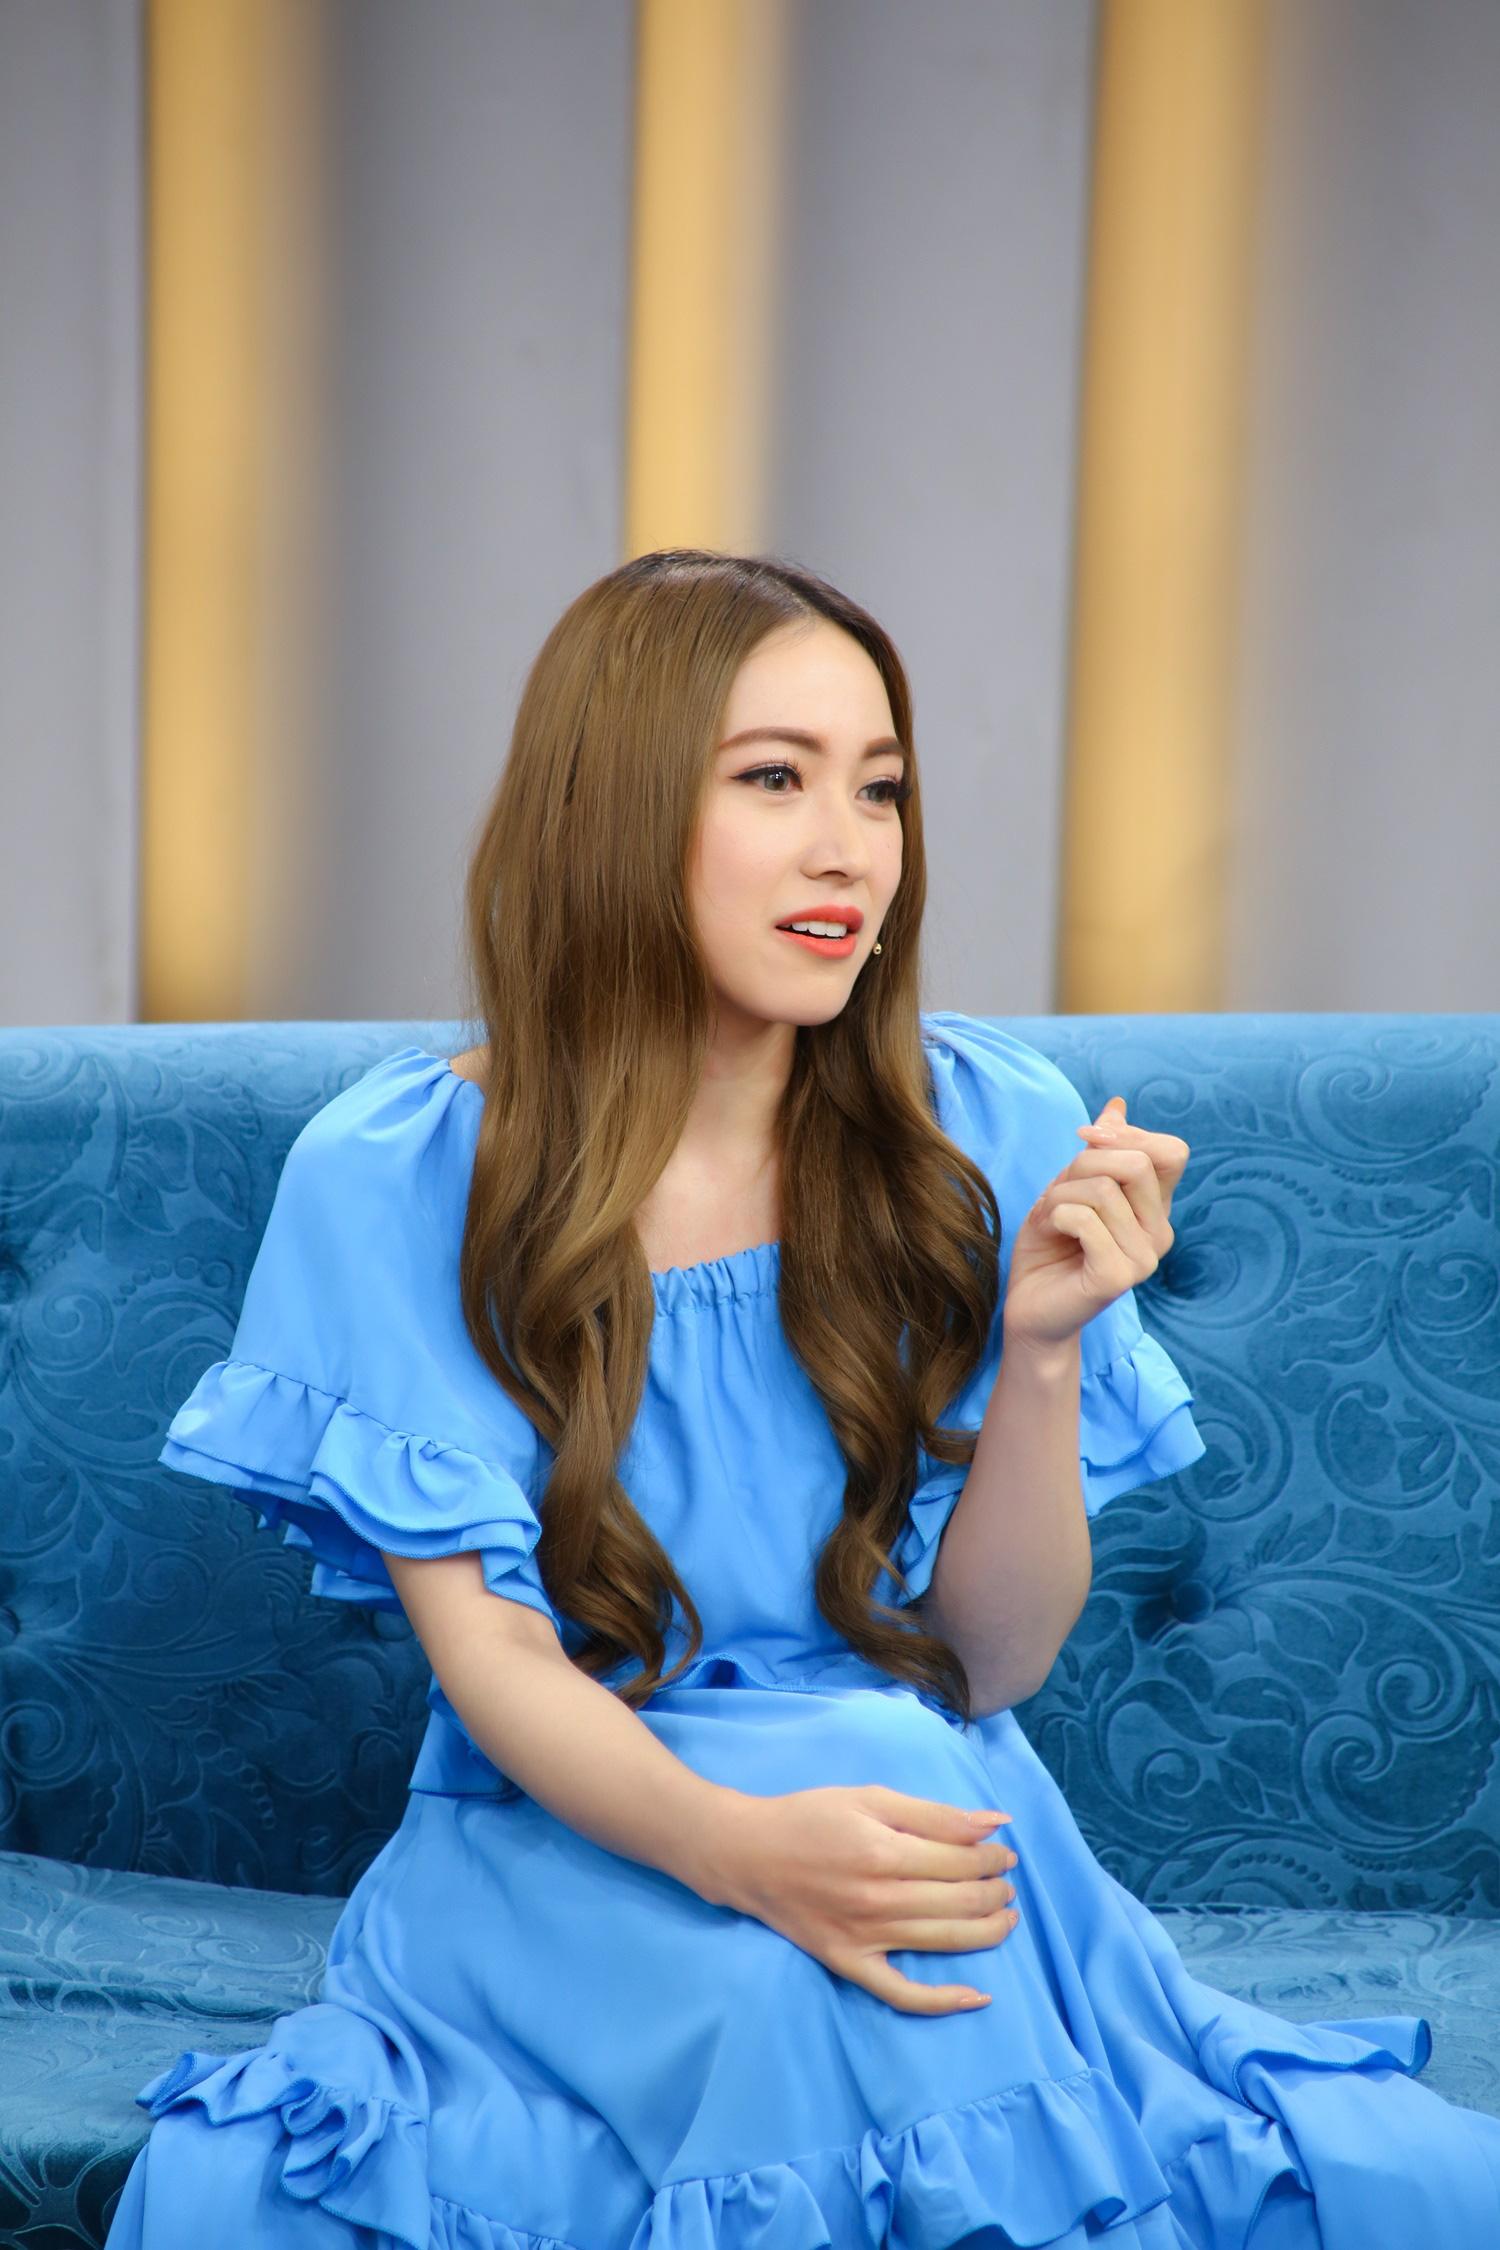 """Lấy chồng hơn 13 tuổi, nữ ca sĩ gốc Việt lai Pháp bị """"sốc văn hóa"""" - Ảnh 2."""